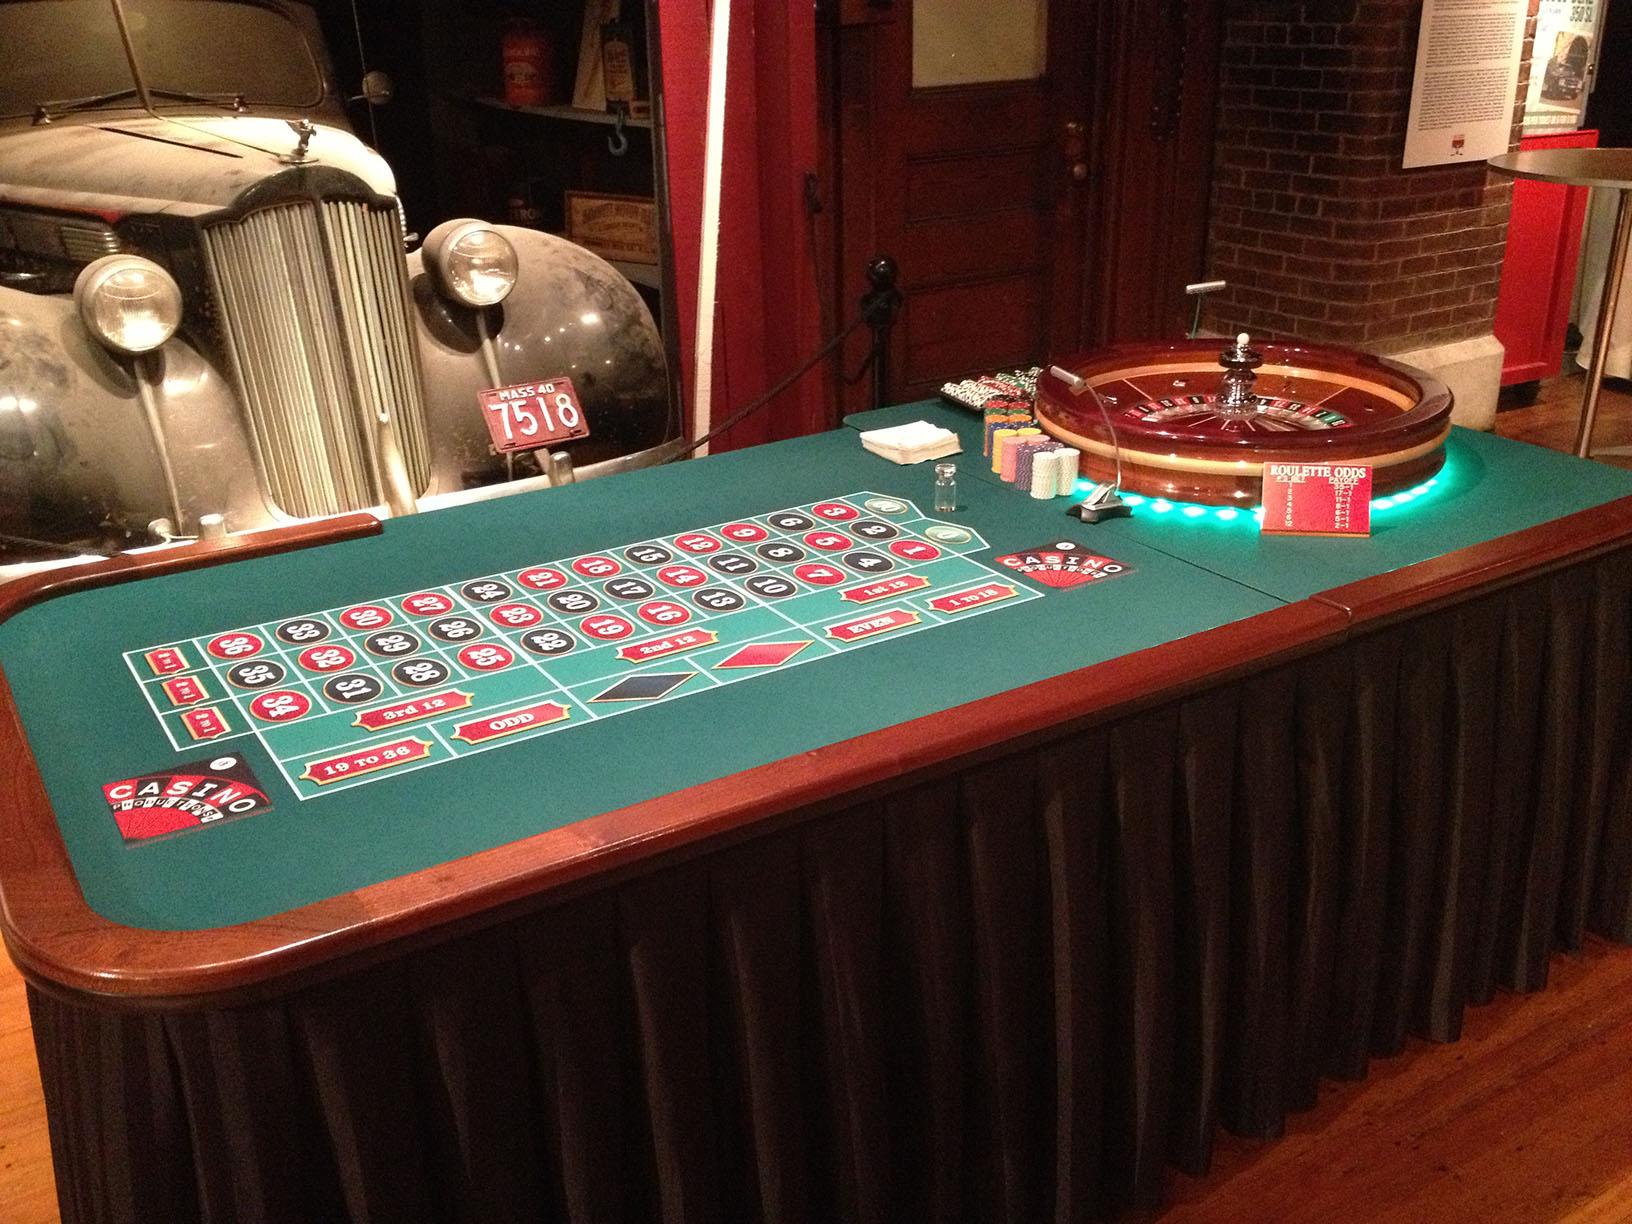 Tomtom geant casino